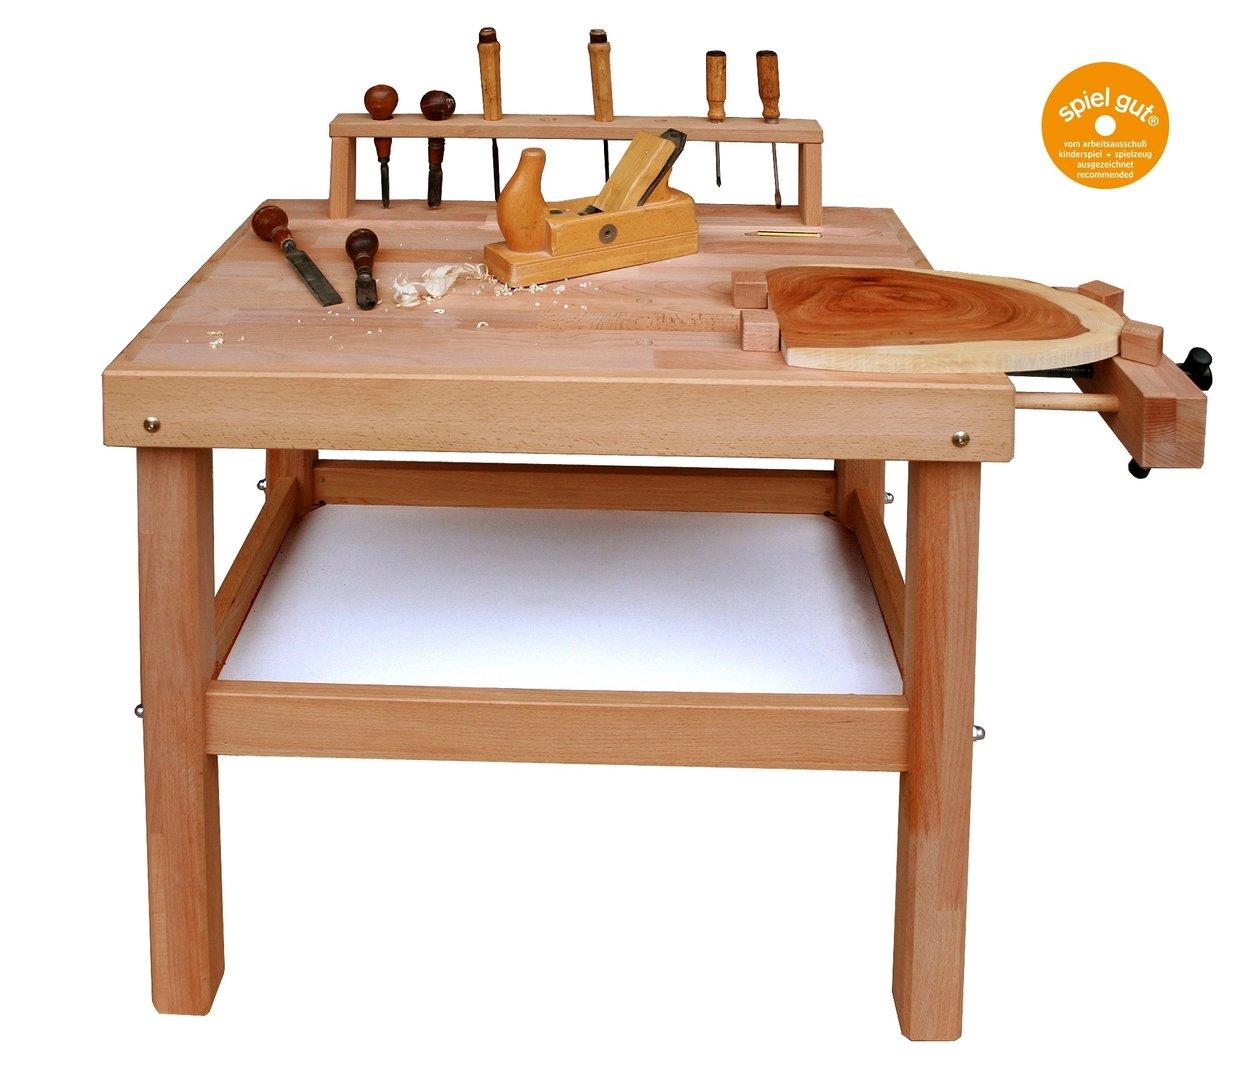 Schöllner Werkbank für Kinder aus Holz, ab 5 Jahren ...